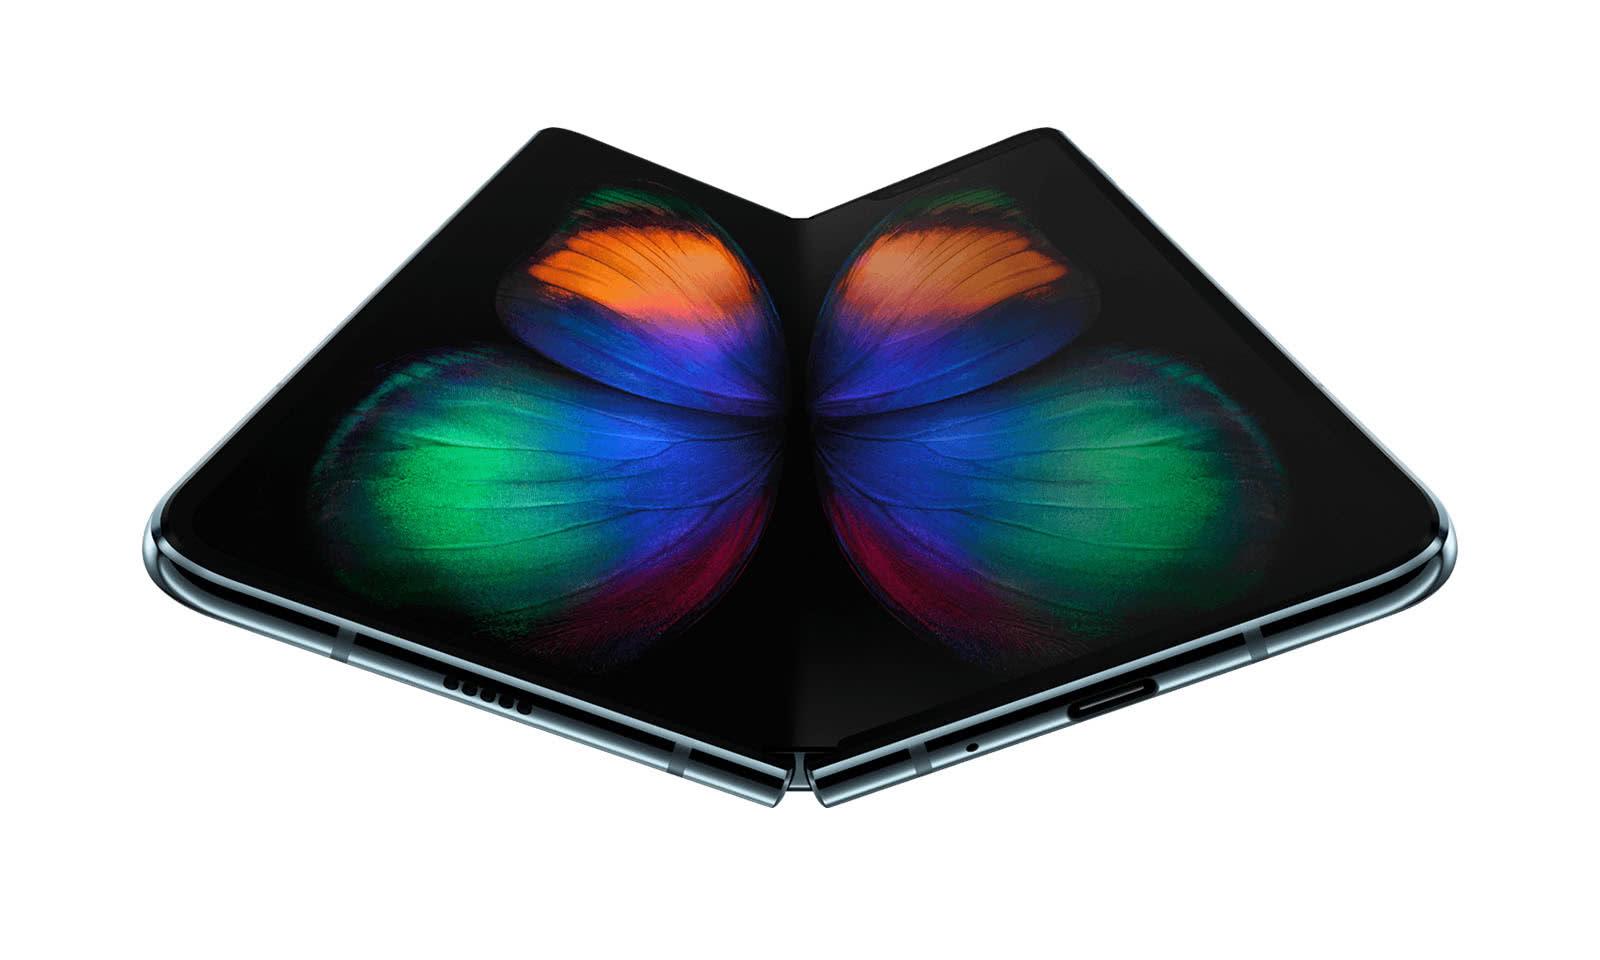 未来的iPhone长这样?苹果折叠屏专利:构想十分前卫